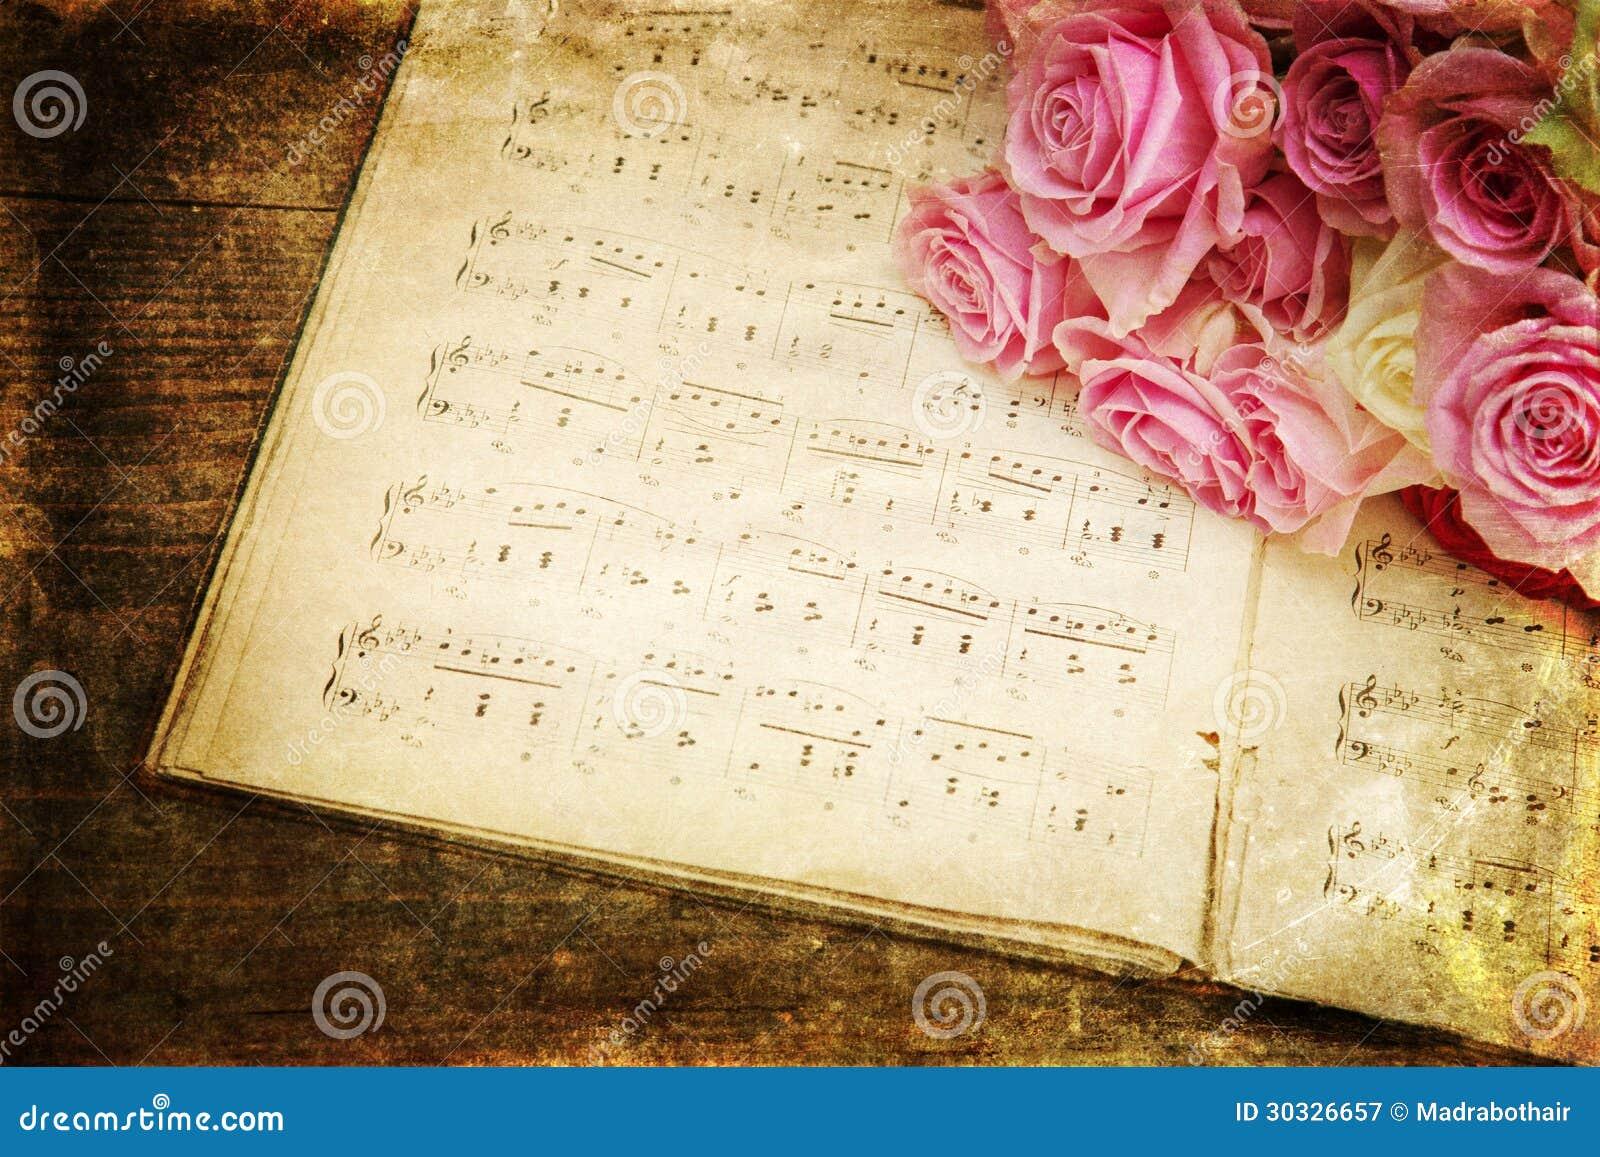 photo de style de vintage des roses et des notes de musique image stock image du romantique. Black Bedroom Furniture Sets. Home Design Ideas